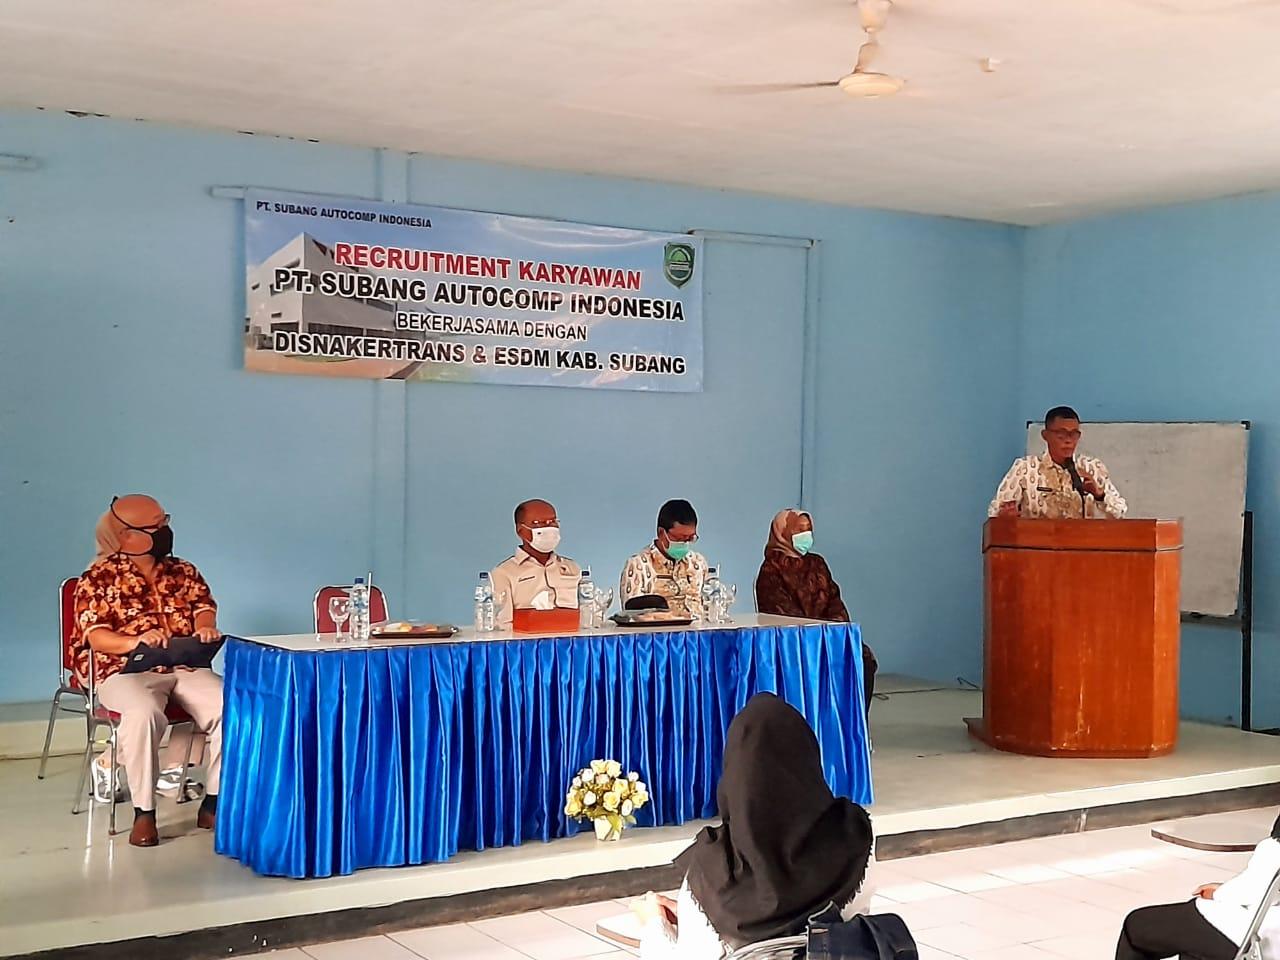 Kang Jimat Tinjau Open Recruitment Karyawan PT SUAI di Disnakertrans